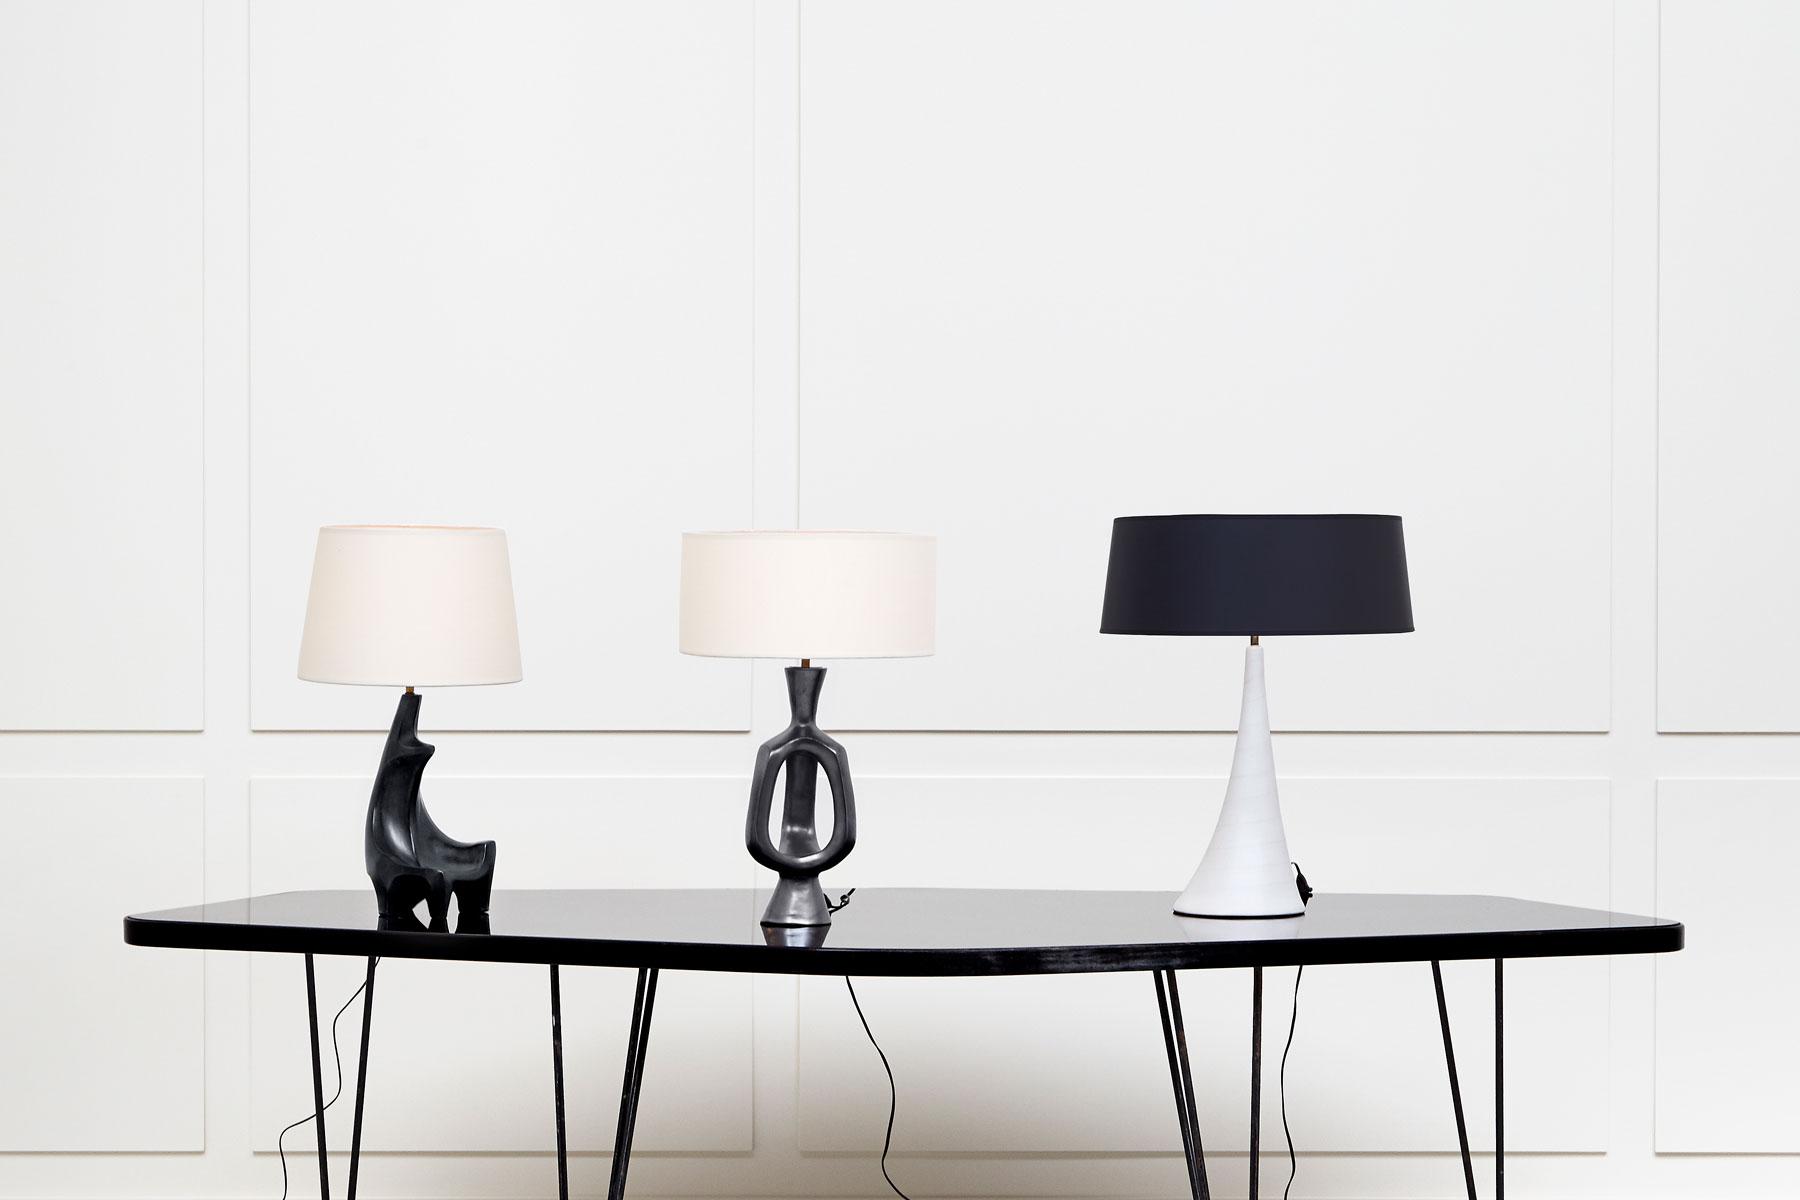 Georges Jouve, Lampe en céramique, vue 04